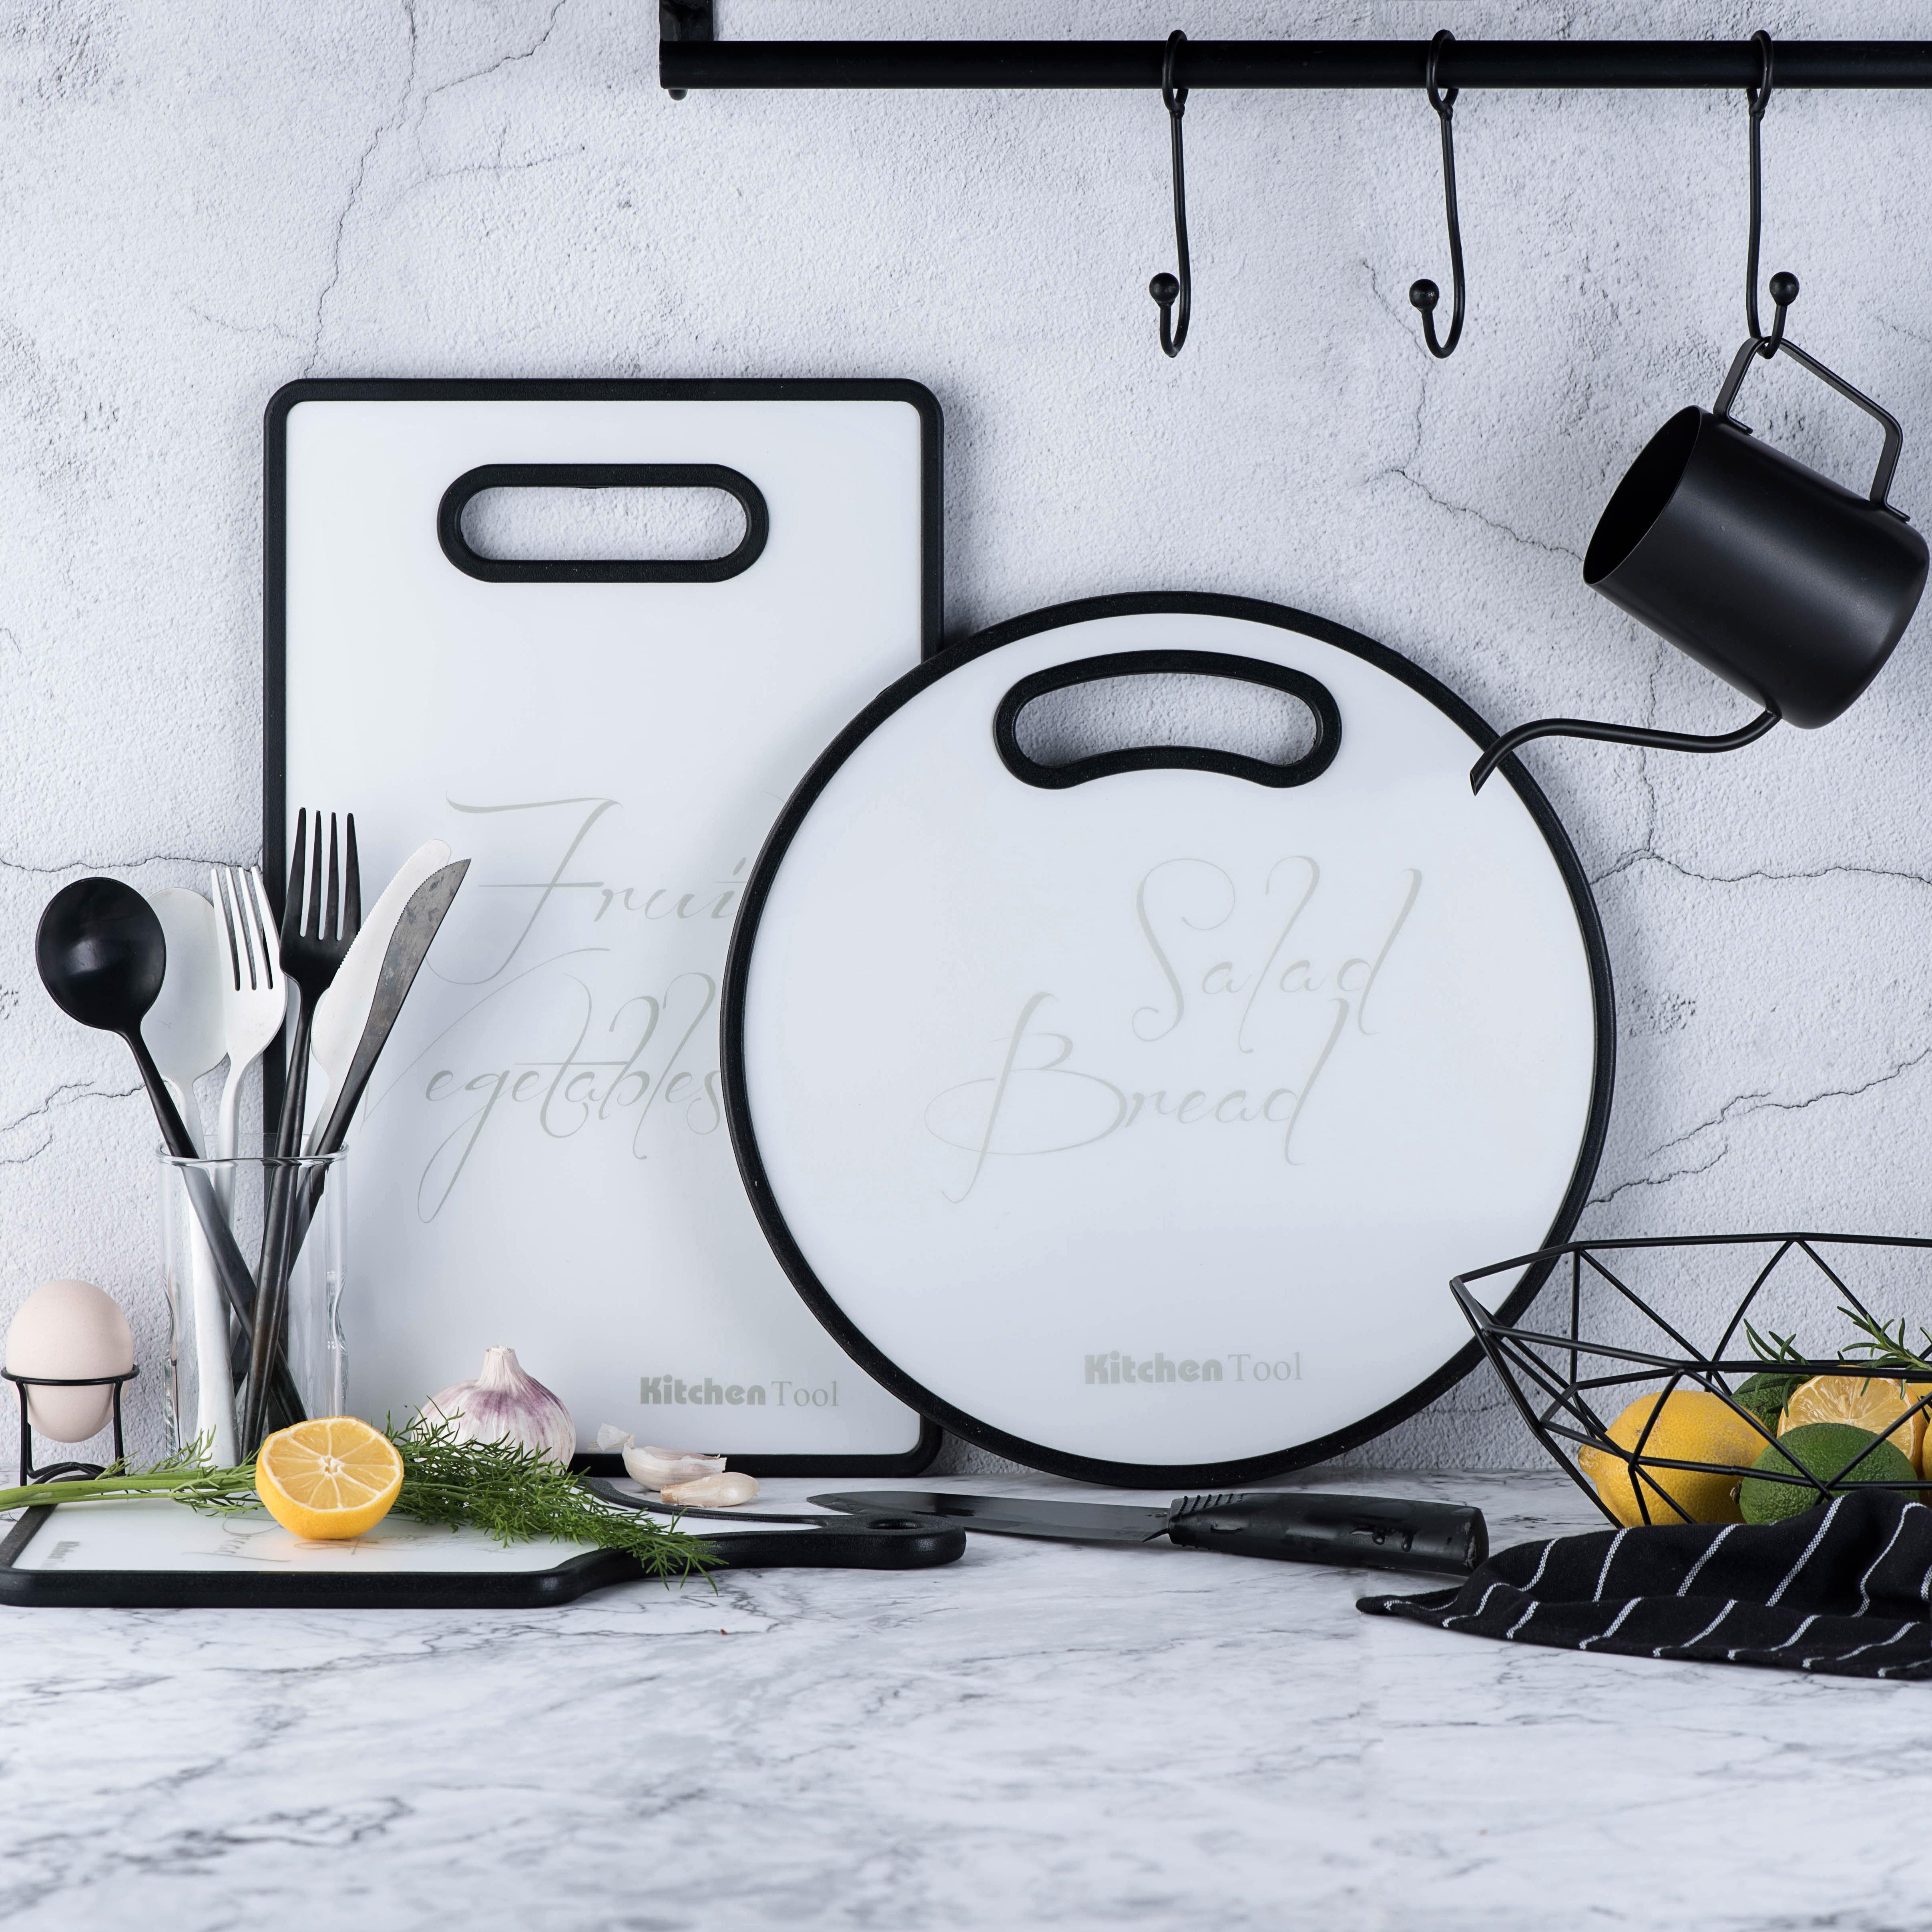 北欧简约PP创意个性厨房砧板小菜板家用面包板寿司板蔬果砧板家用11月02日最新优惠